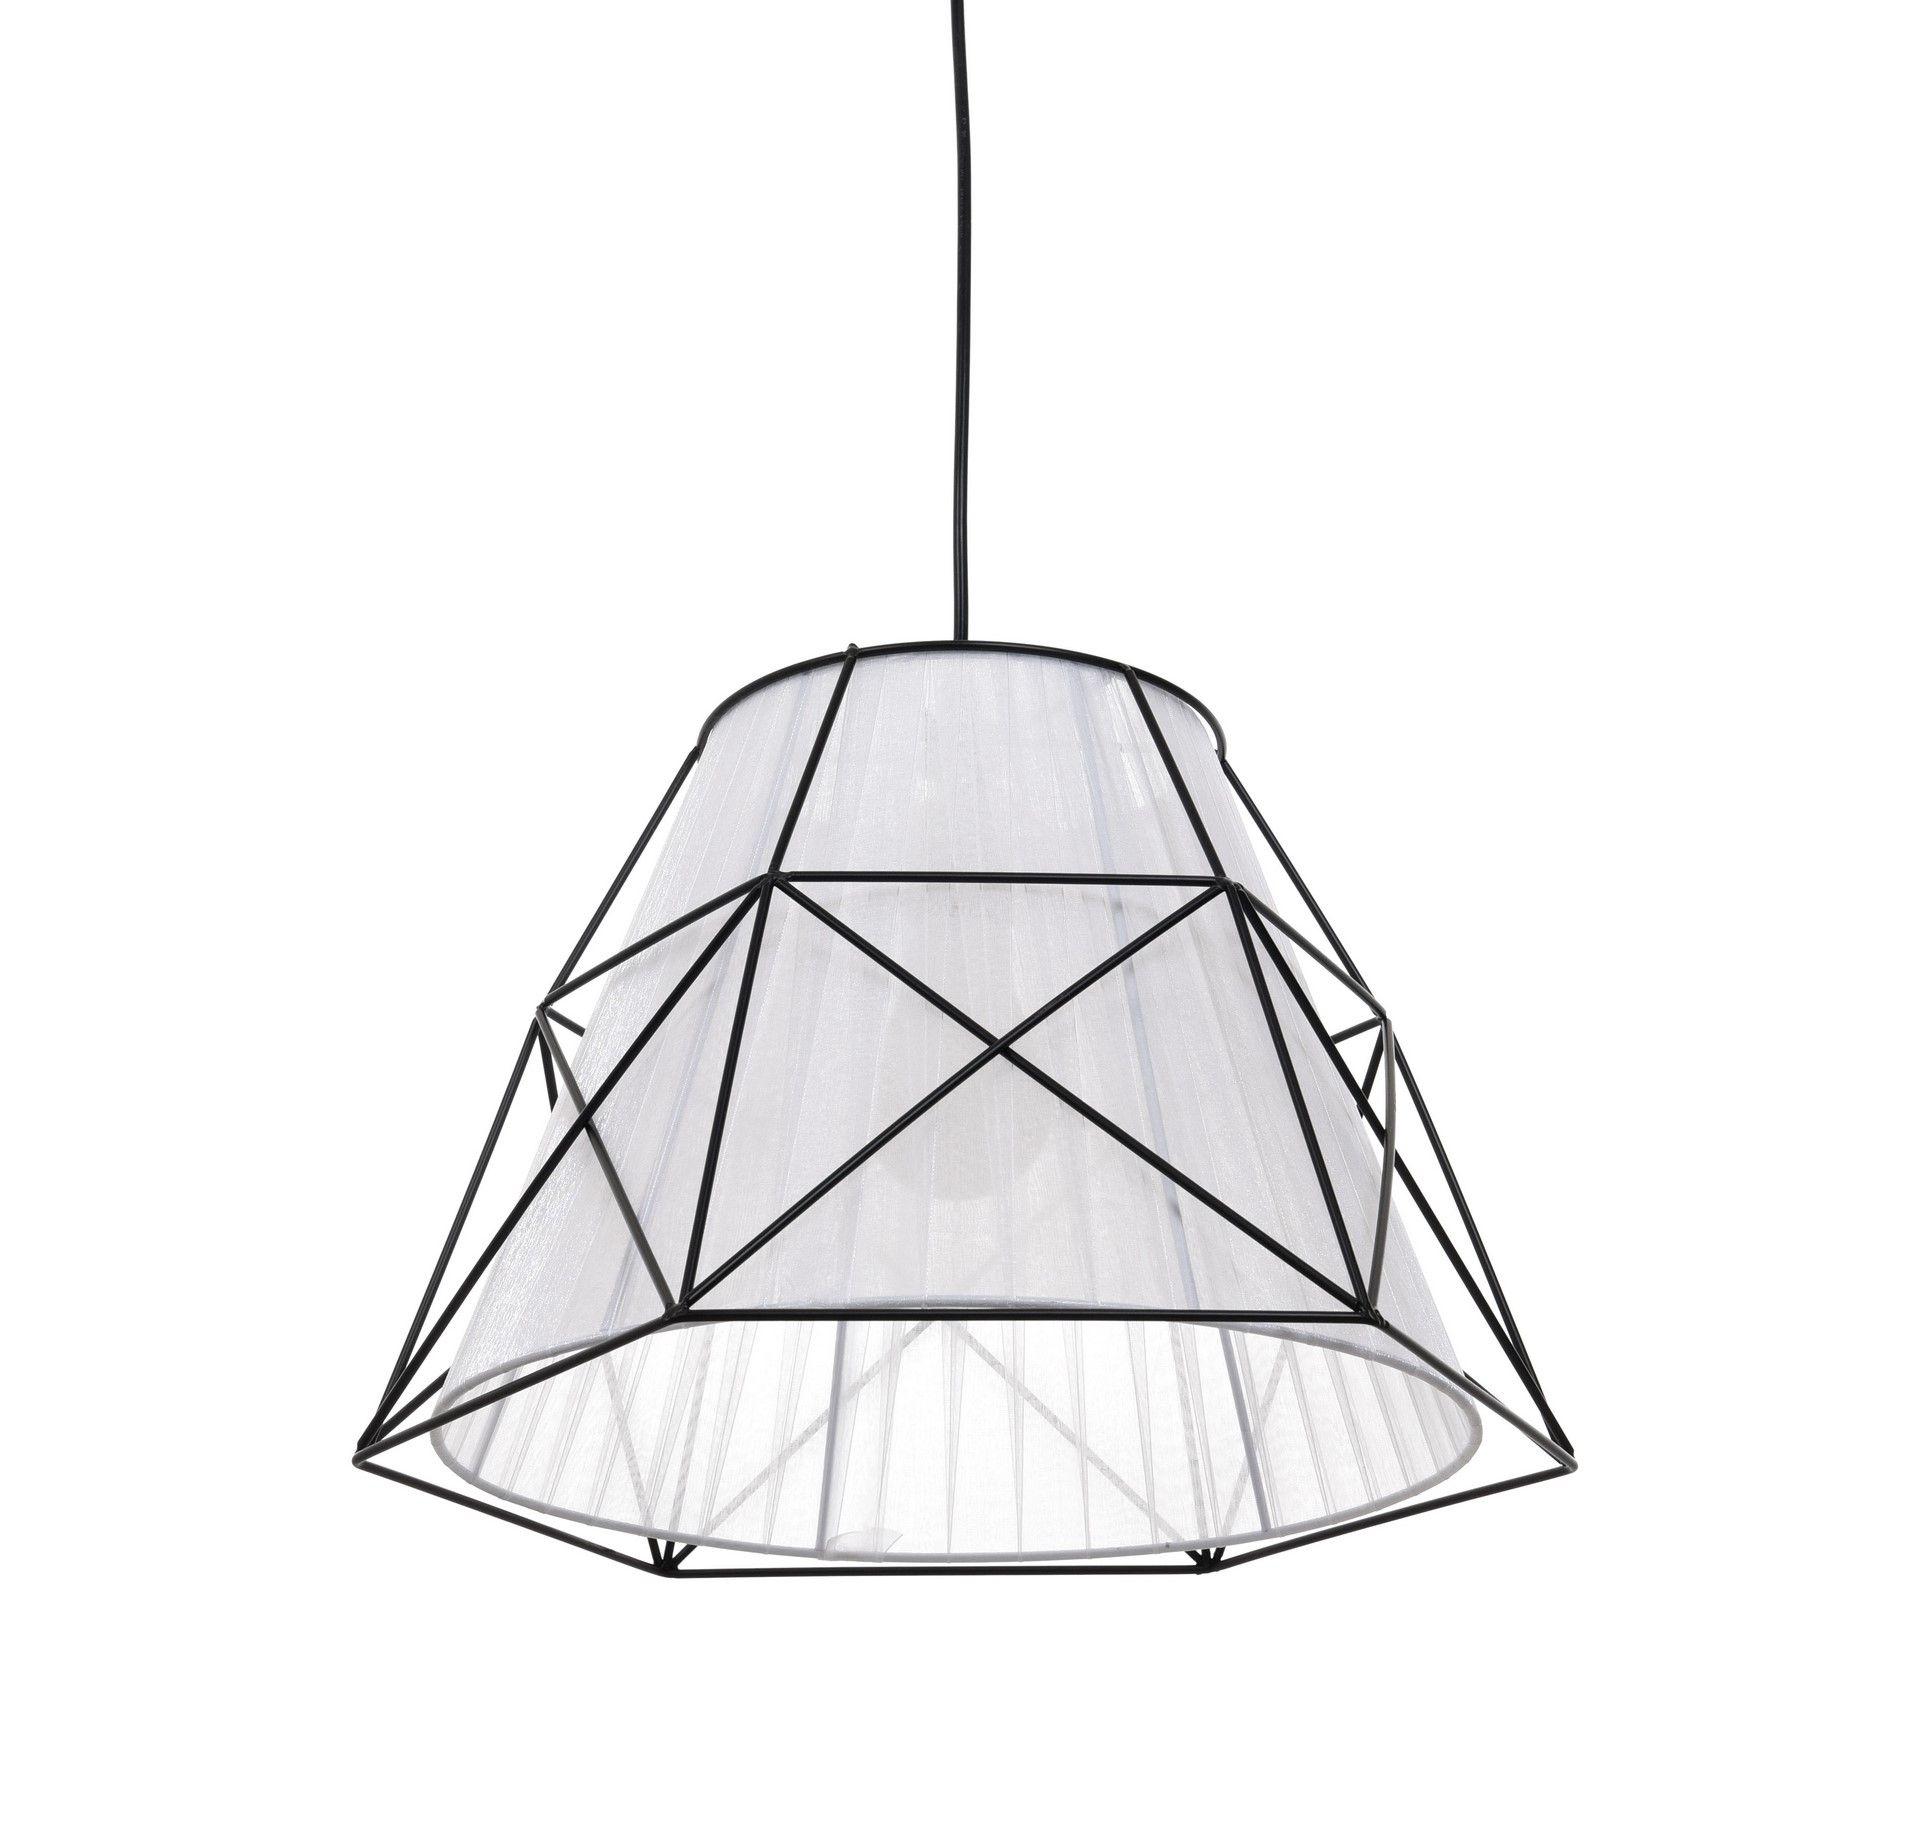 Подвесной светильник Lumina Deco Boneti LDP 8002 BK+WT, 1xE27x40W, черный, черный с белым, металл, текстиль - фото 3